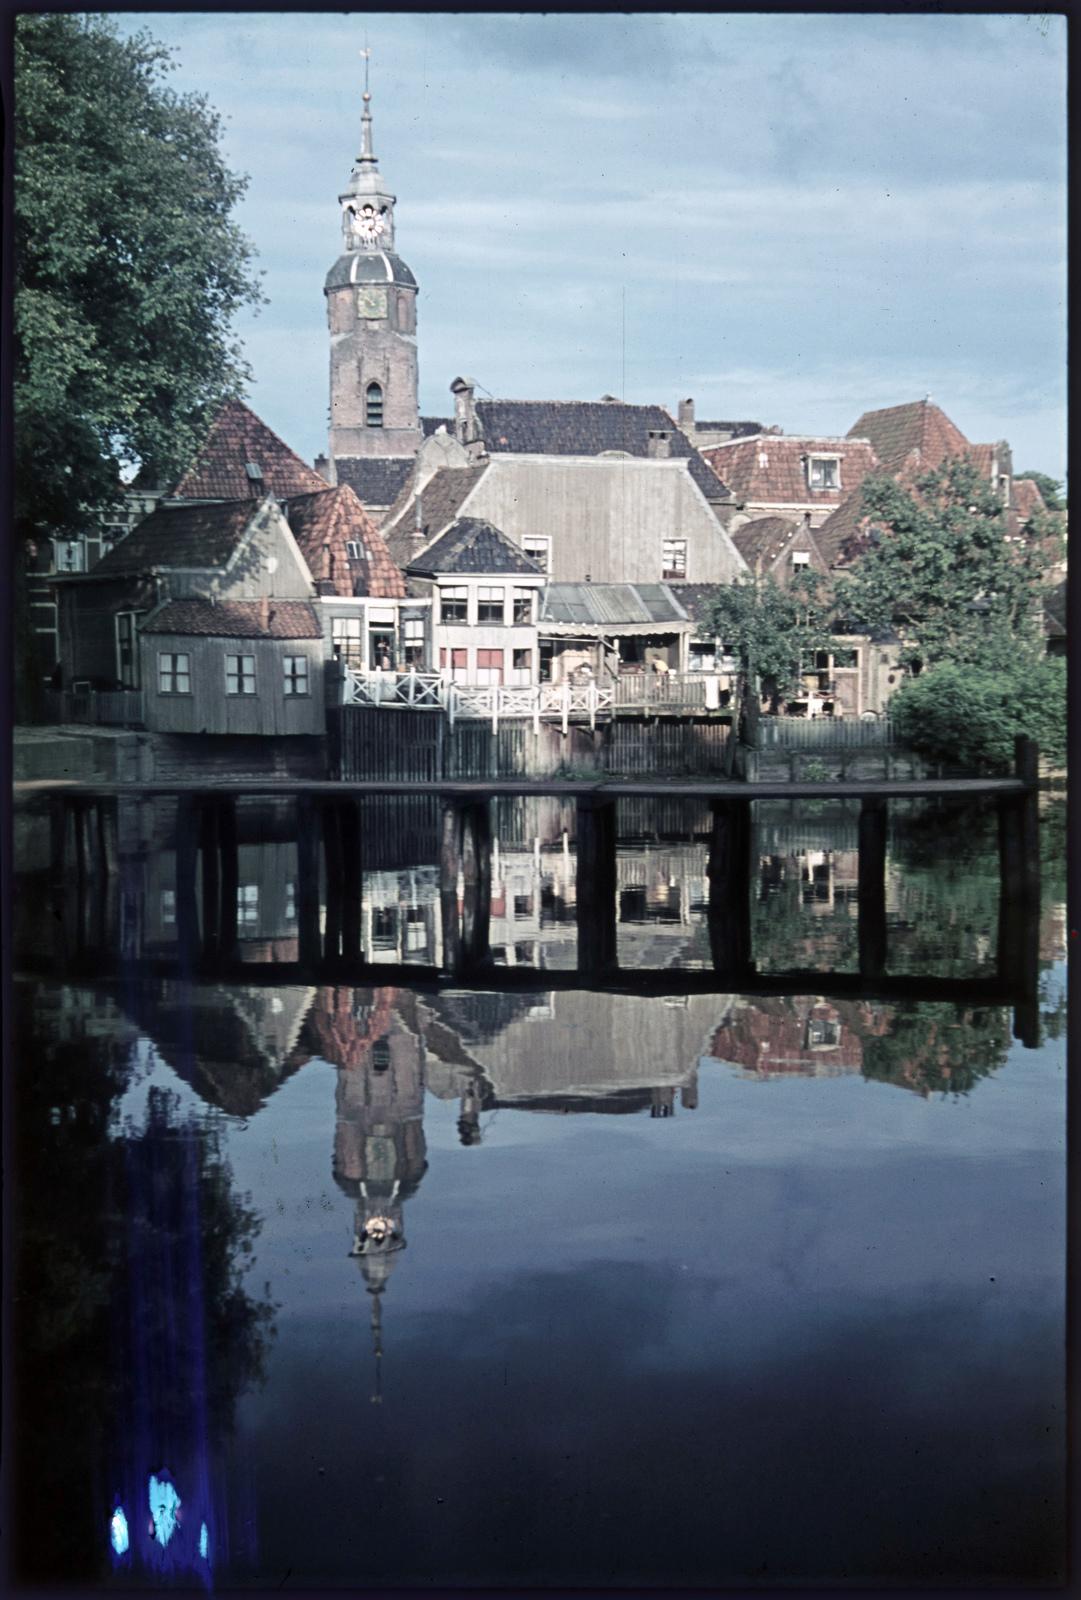 Stadsgezicht met binnenhaven van Blokzijl